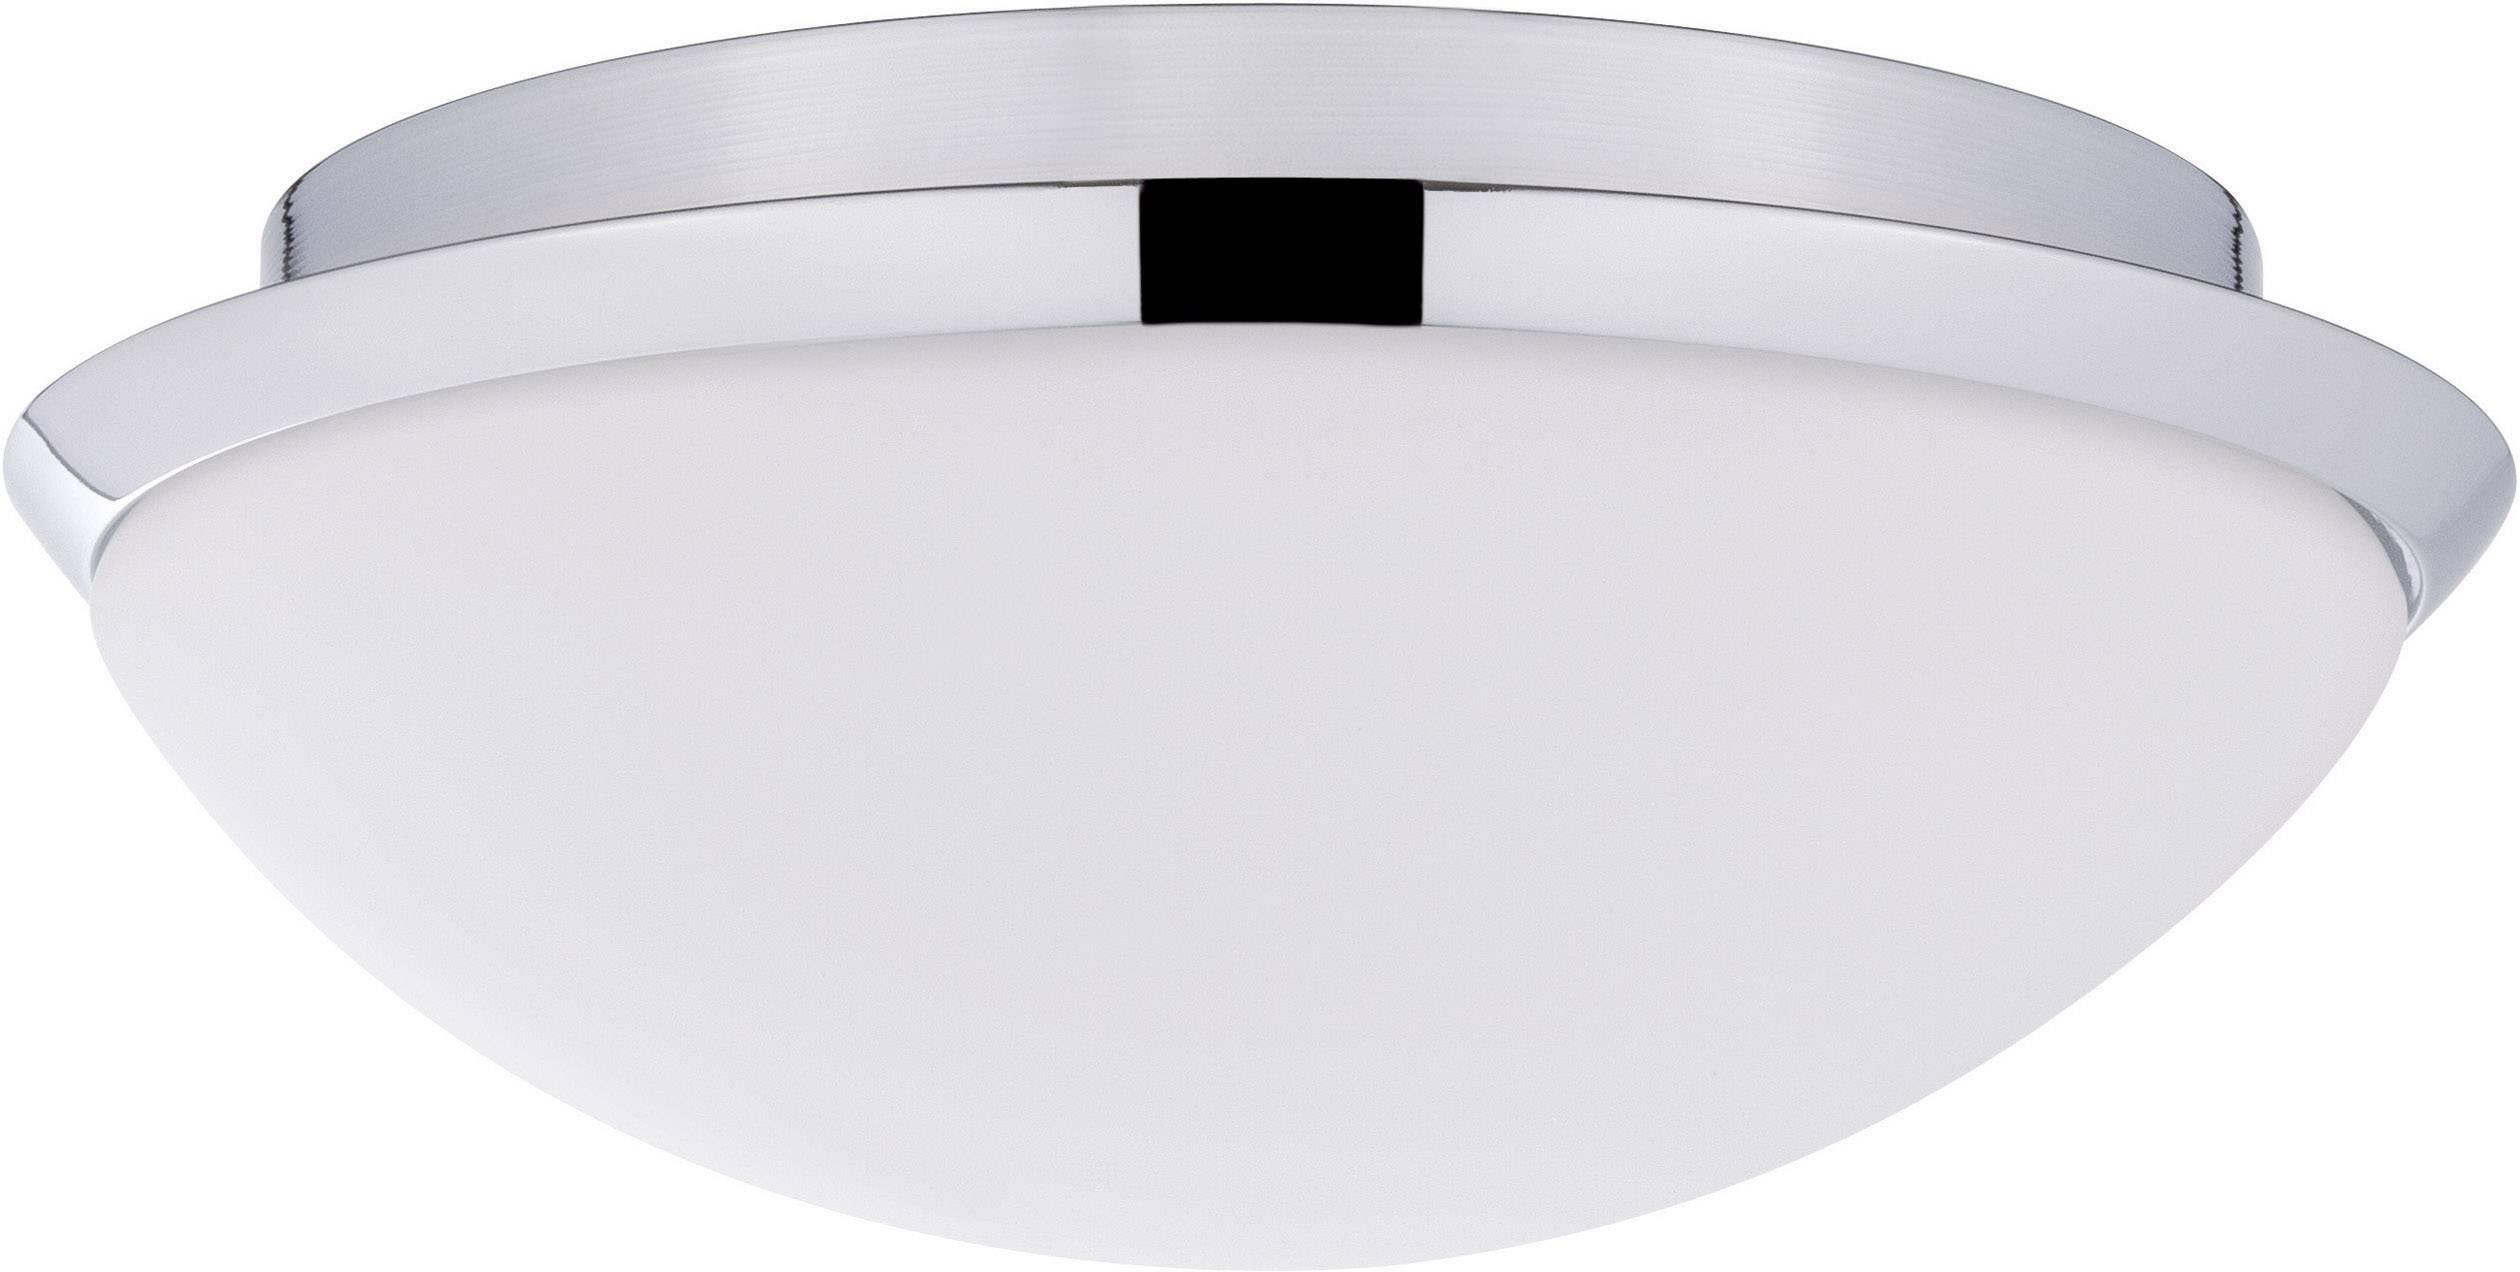 Koupelnové stropní osvětlení